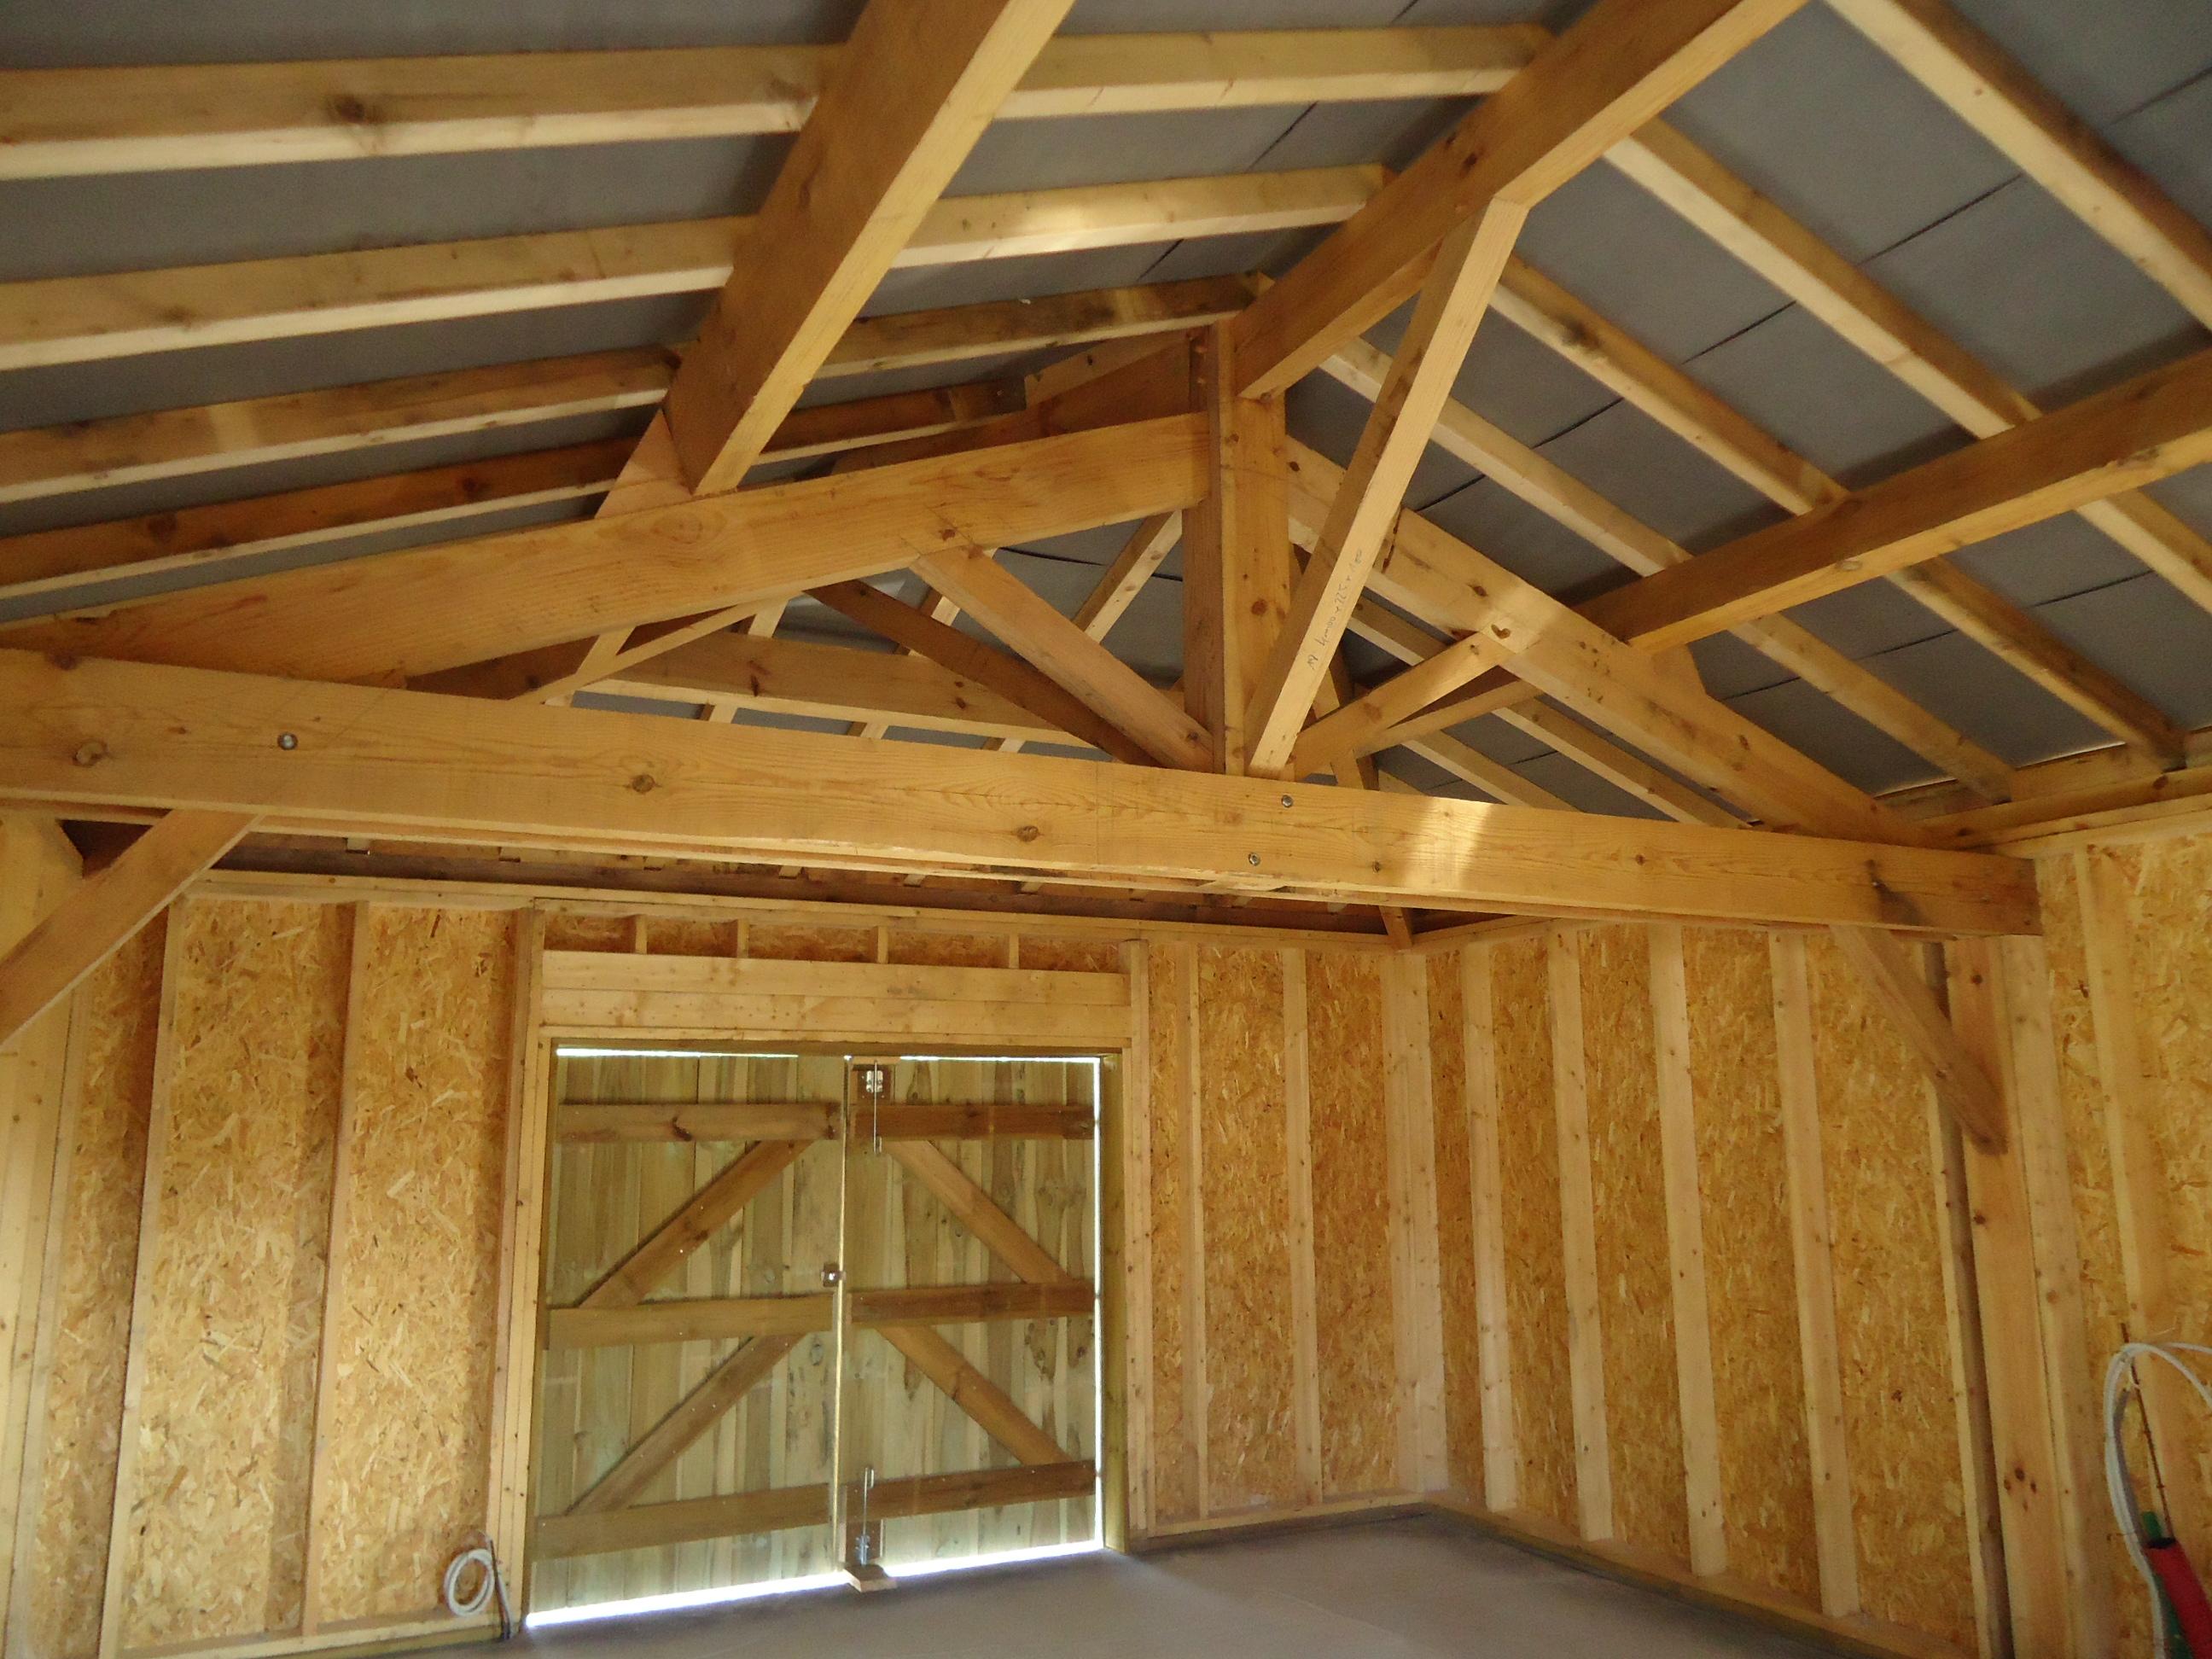 Deck 40 grange en bois landes 40 construction grange en bois landes 40 gironde 33 arcachon for Construction en bois wiki